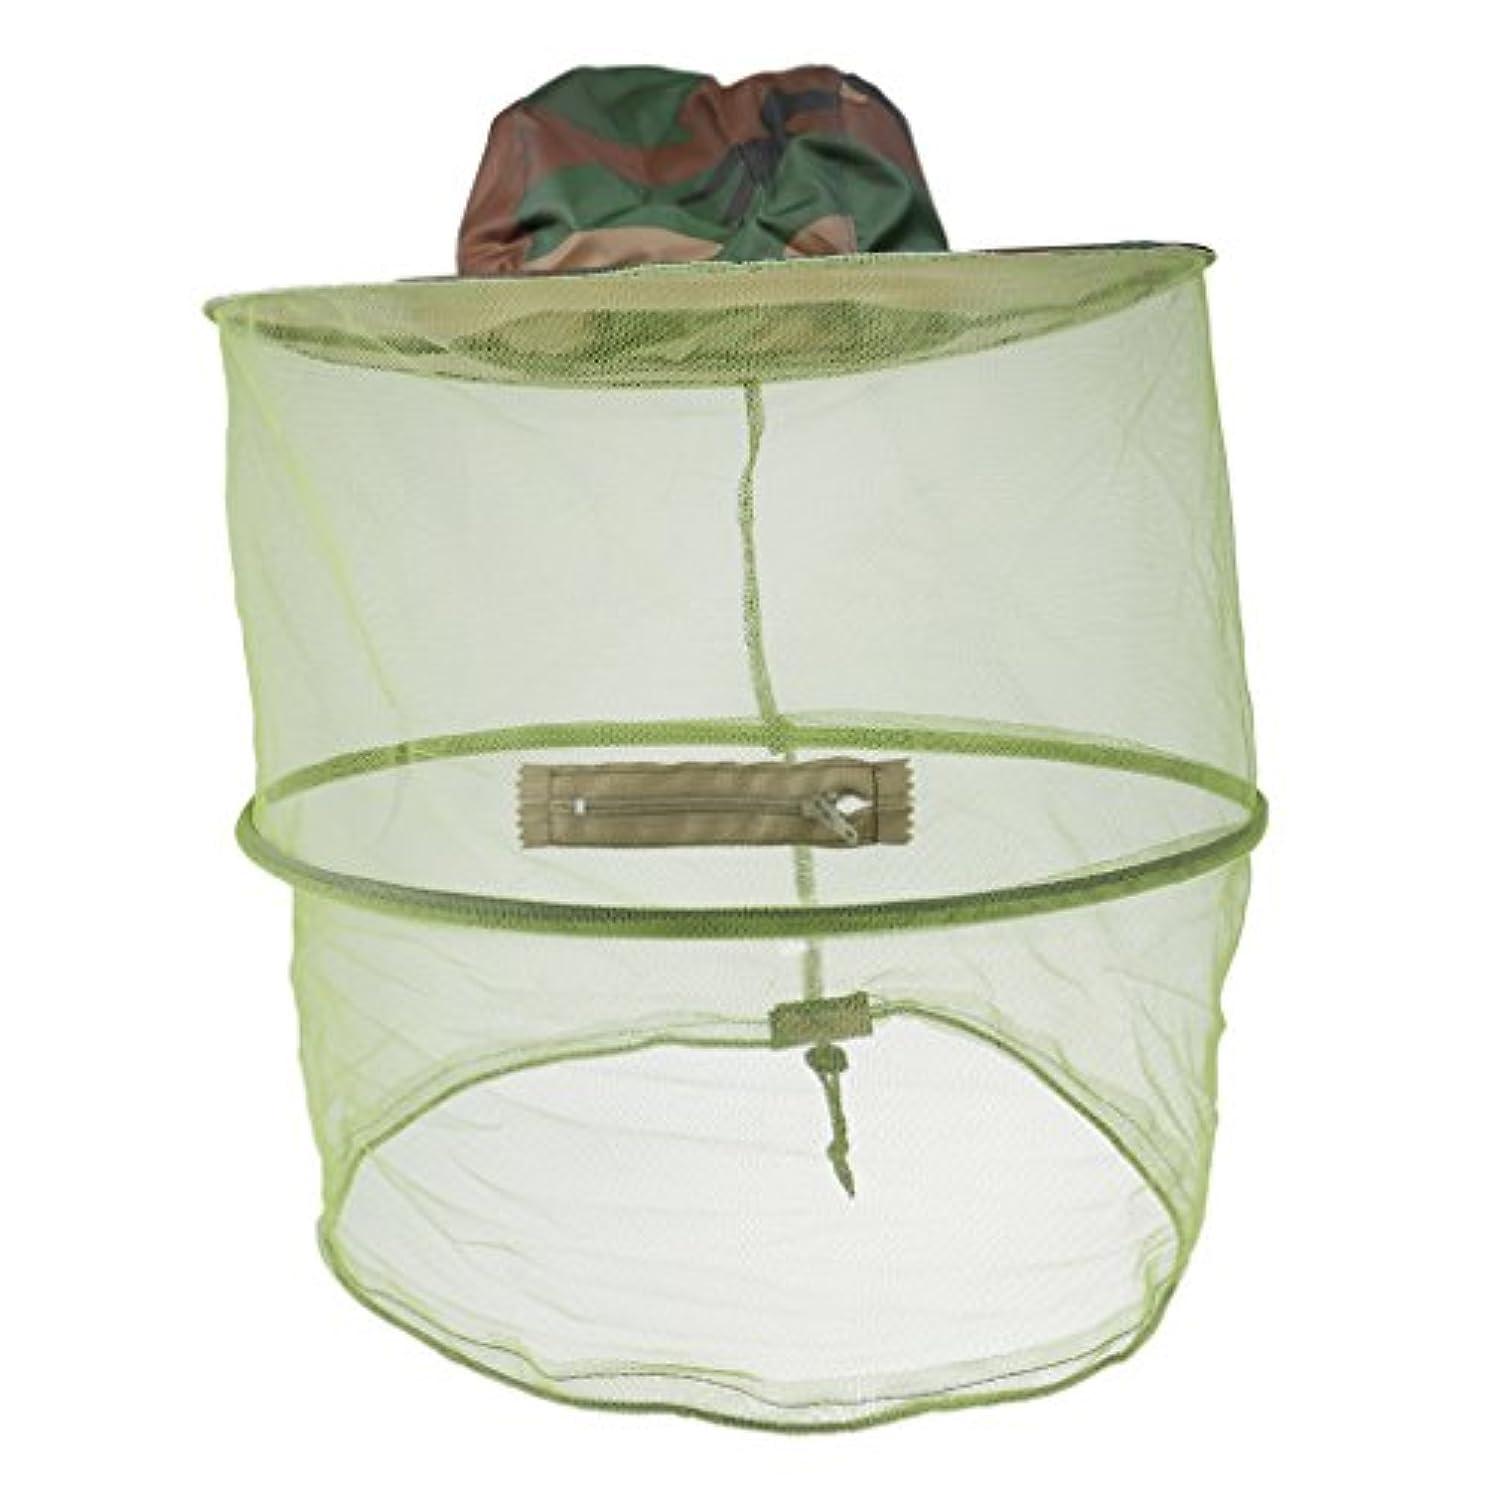 飛躍接続編集者DYNWAVE ネットハット 釣り帽子 蚊除け 虫除け 頭顔保護 園芸 農作業 全3選択